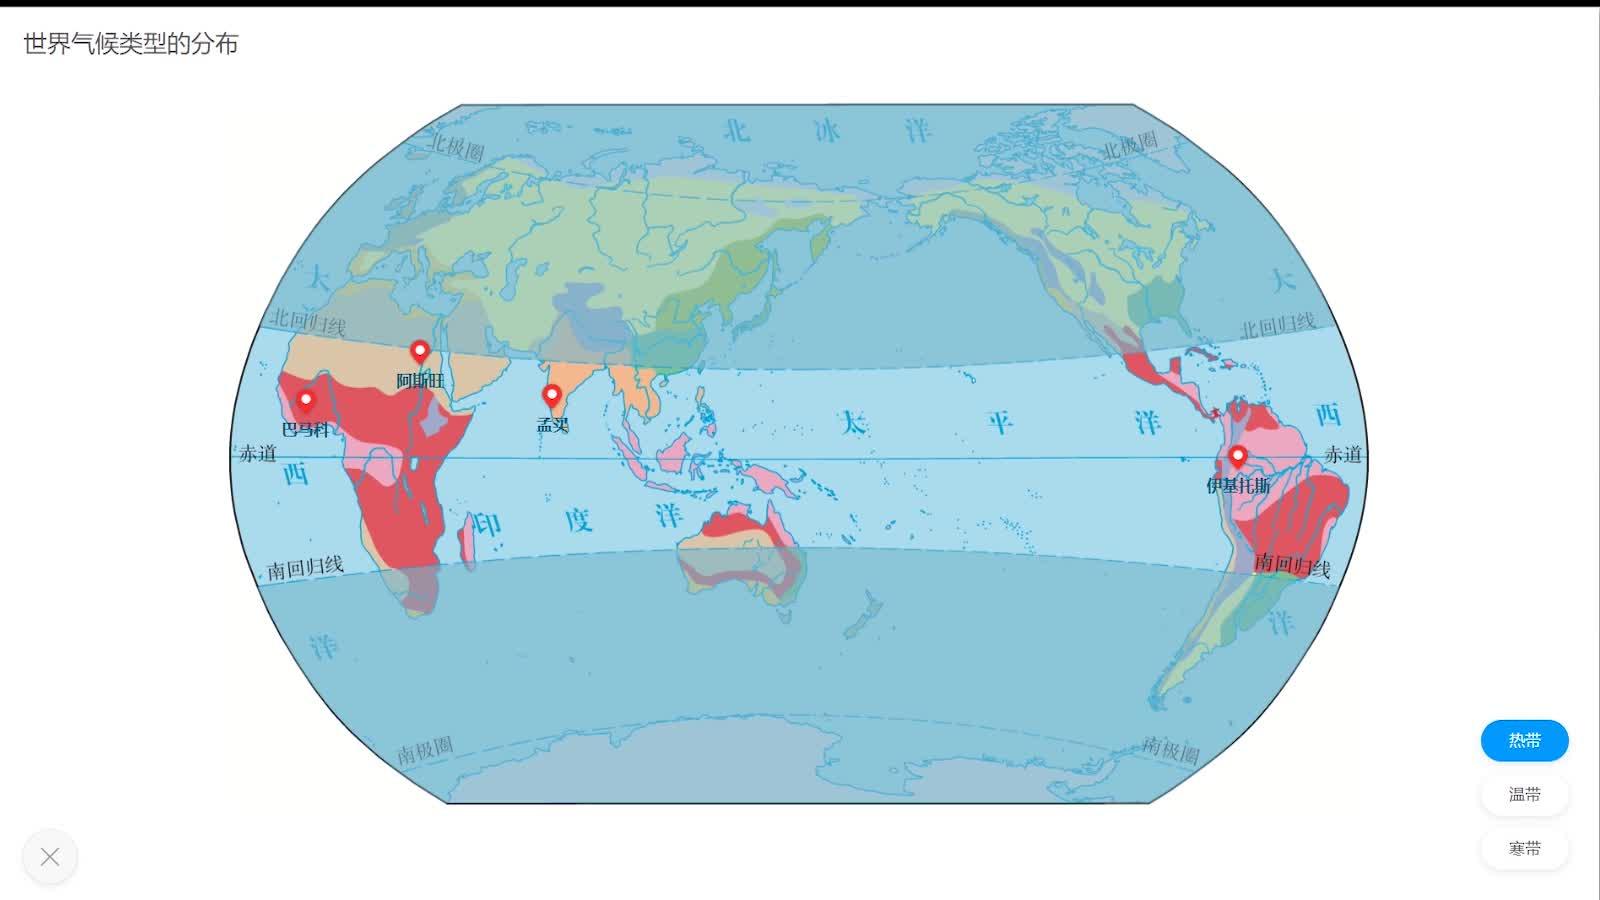 【限时免费】3.4 世界主要气候类型的分布-【火花学院】人教版 七年级地理上册                                                                                              [来自e网通客户端]